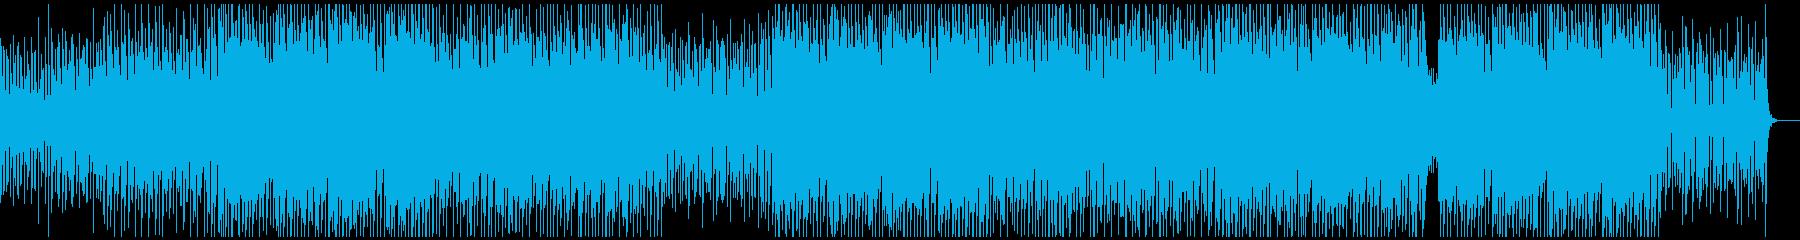 ノリノリ・ファンキー・ダンサブルの再生済みの波形